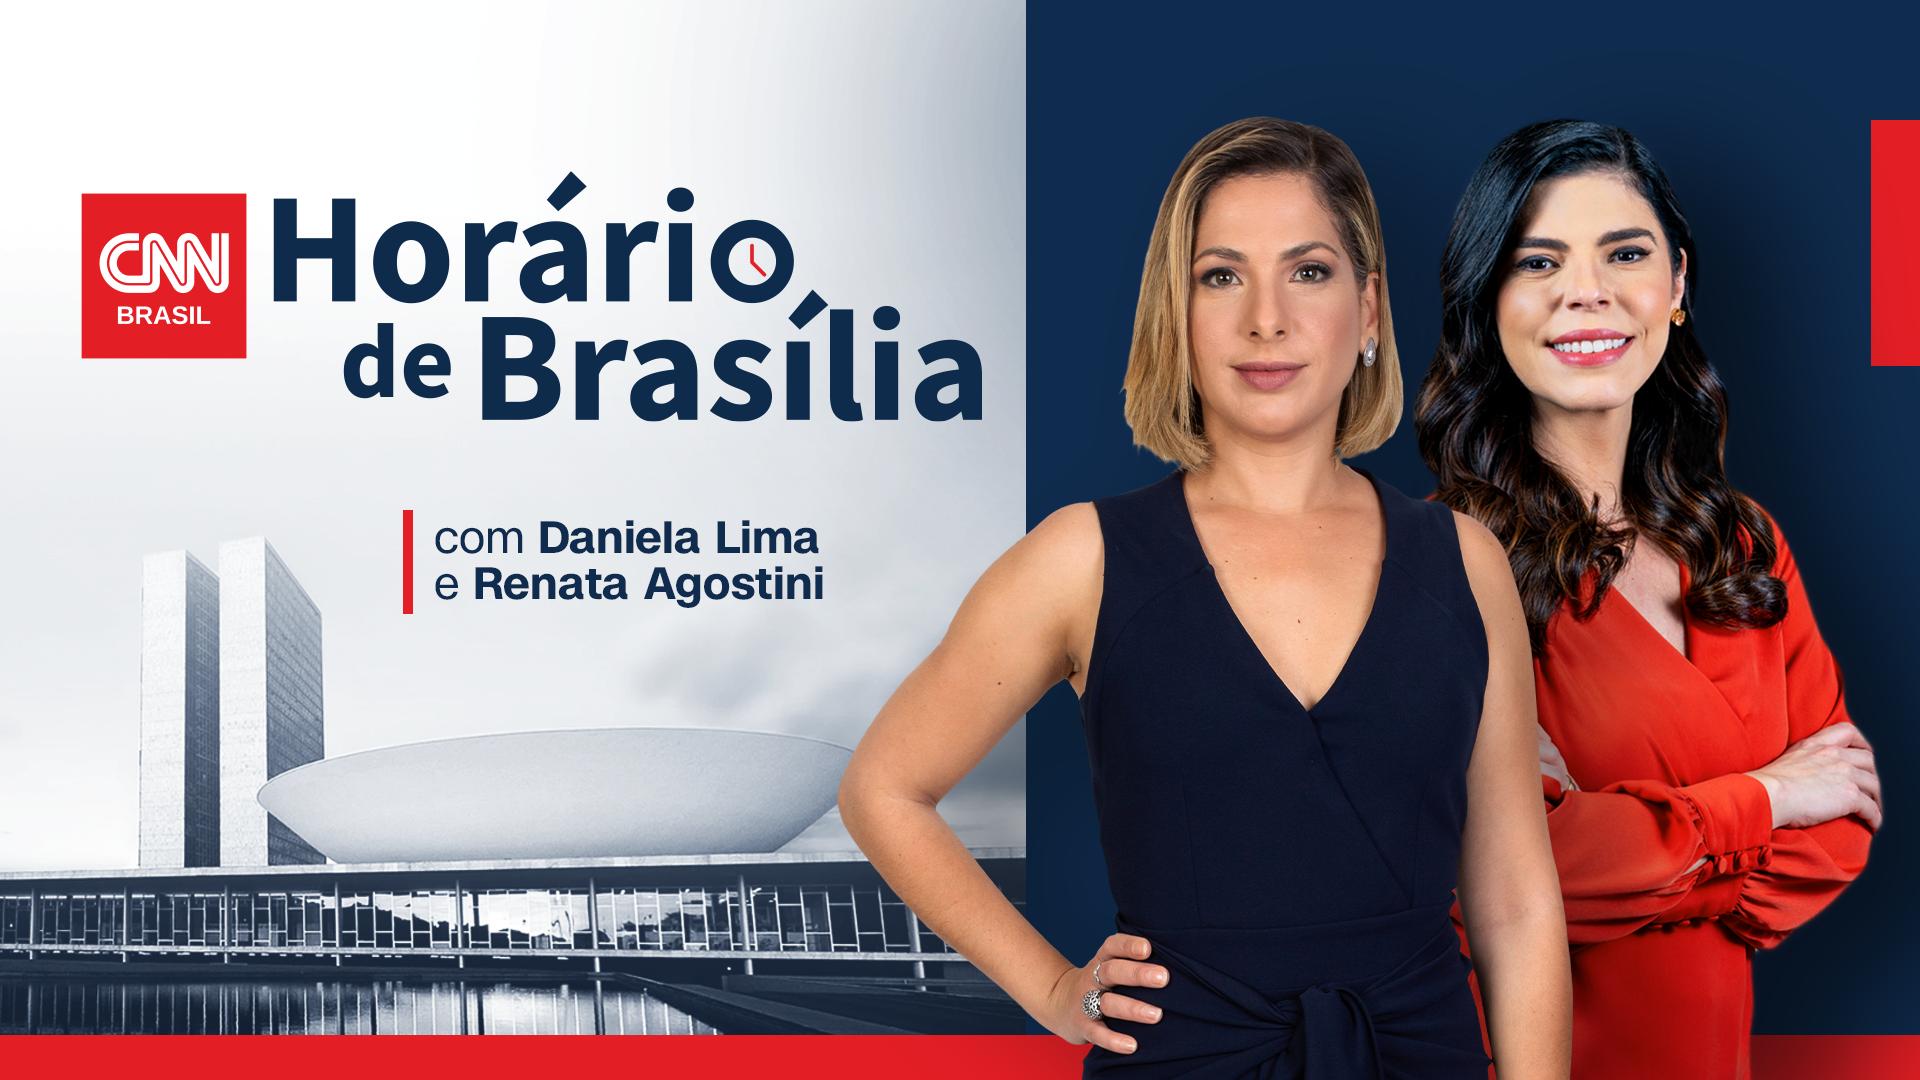 Horário de Brasília ao vivo, com Daniela Lima e Renata Agostini